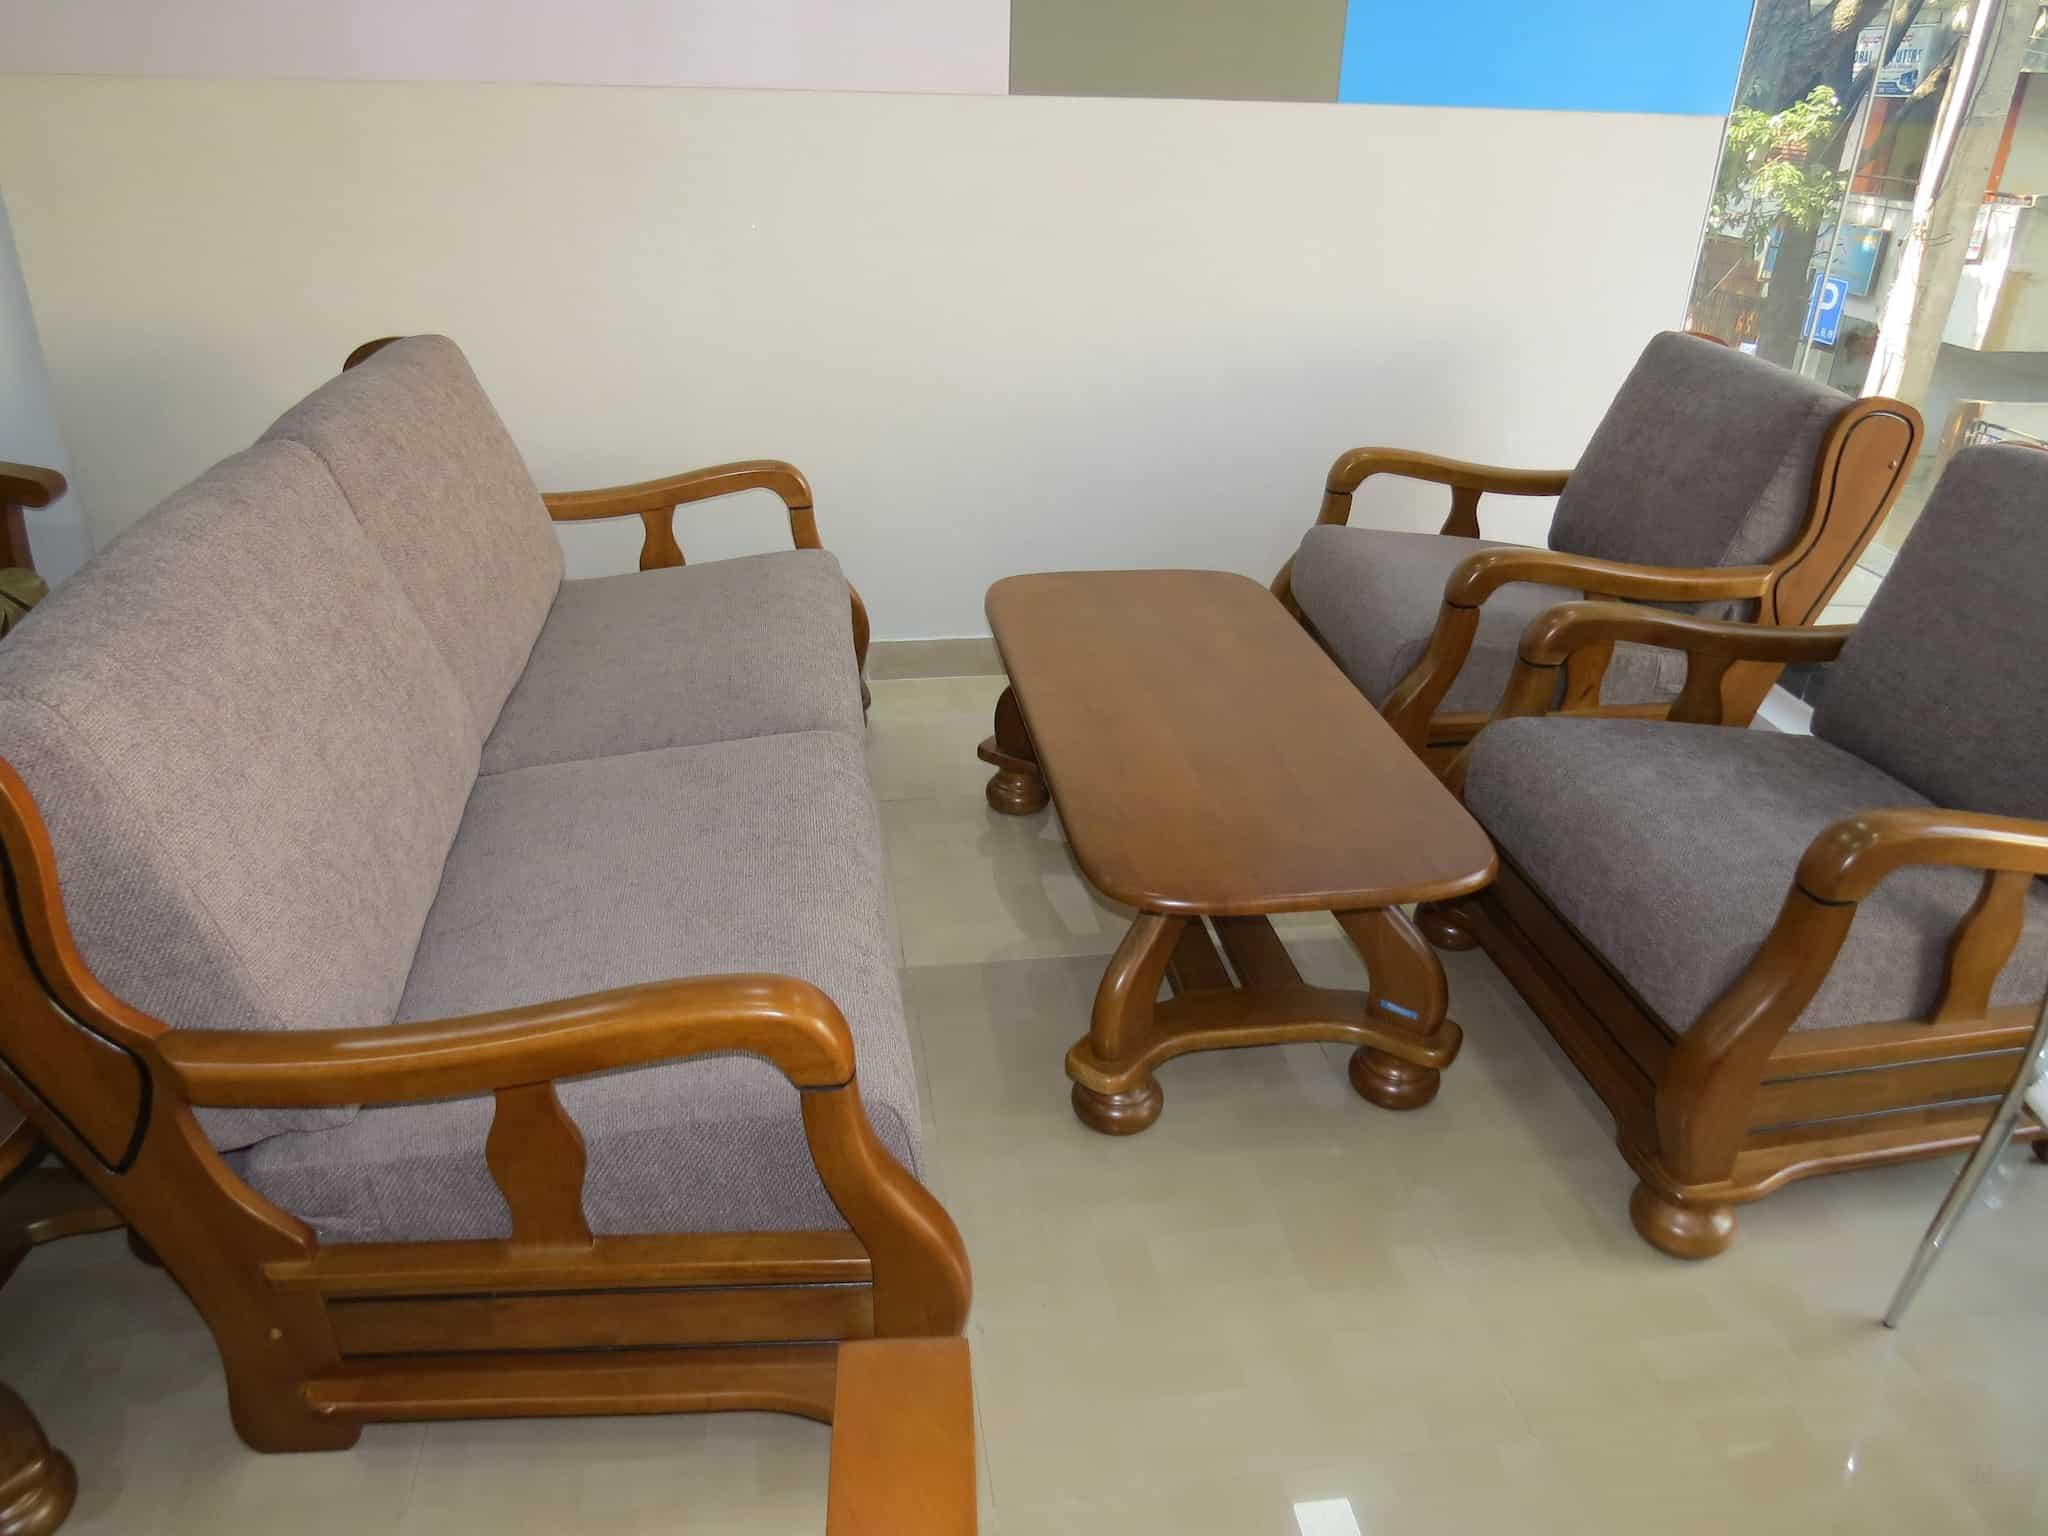 nilkamal bharath furnitures malleswaram neelkamal bharath